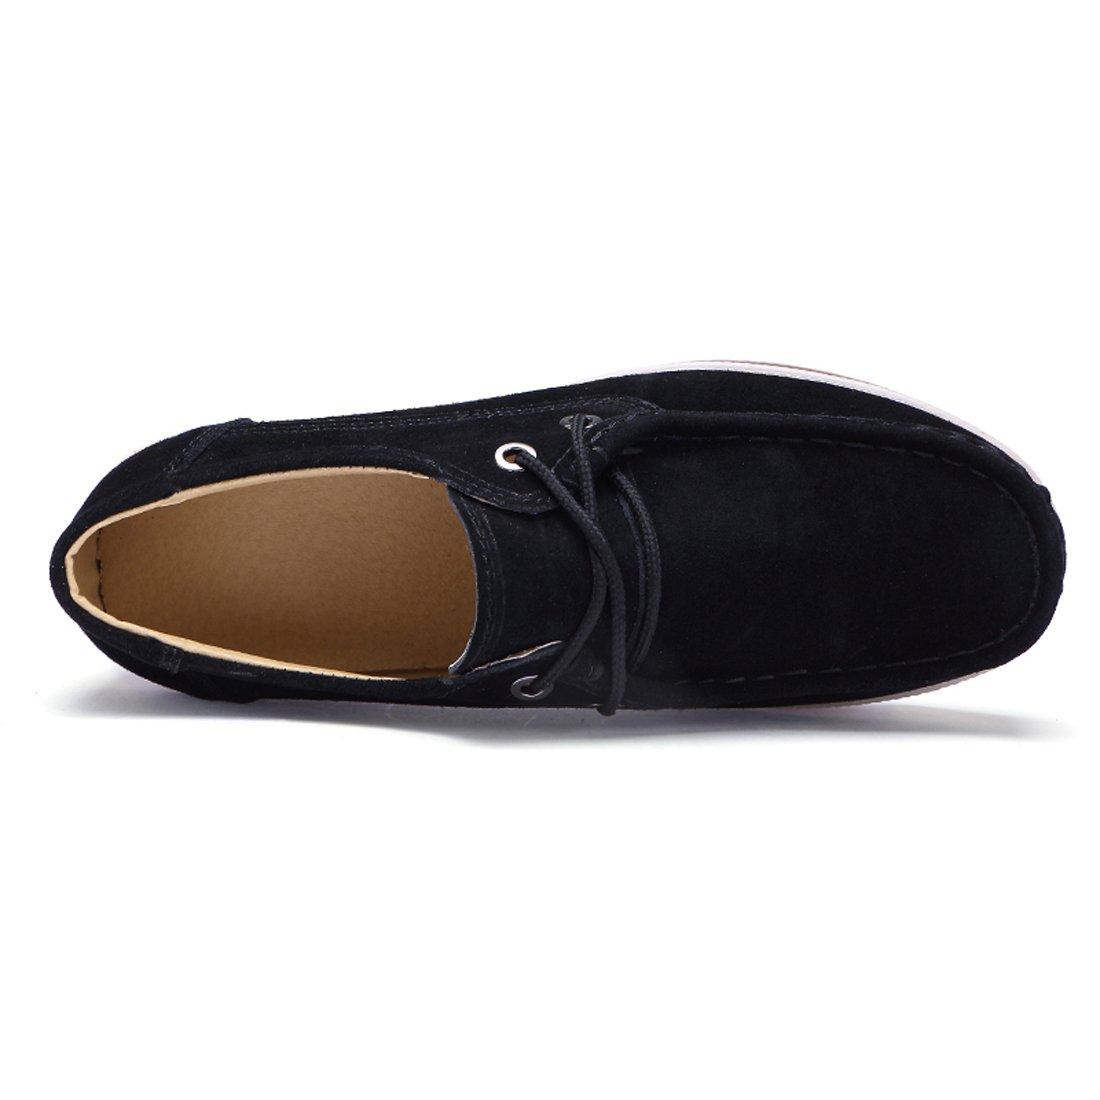 Z.SUO Mocassini Mocassini Mocassini Donna in Pelle Scamosciata Moda comode Loafers Scarpe da Guida Nero.1 0d9d33